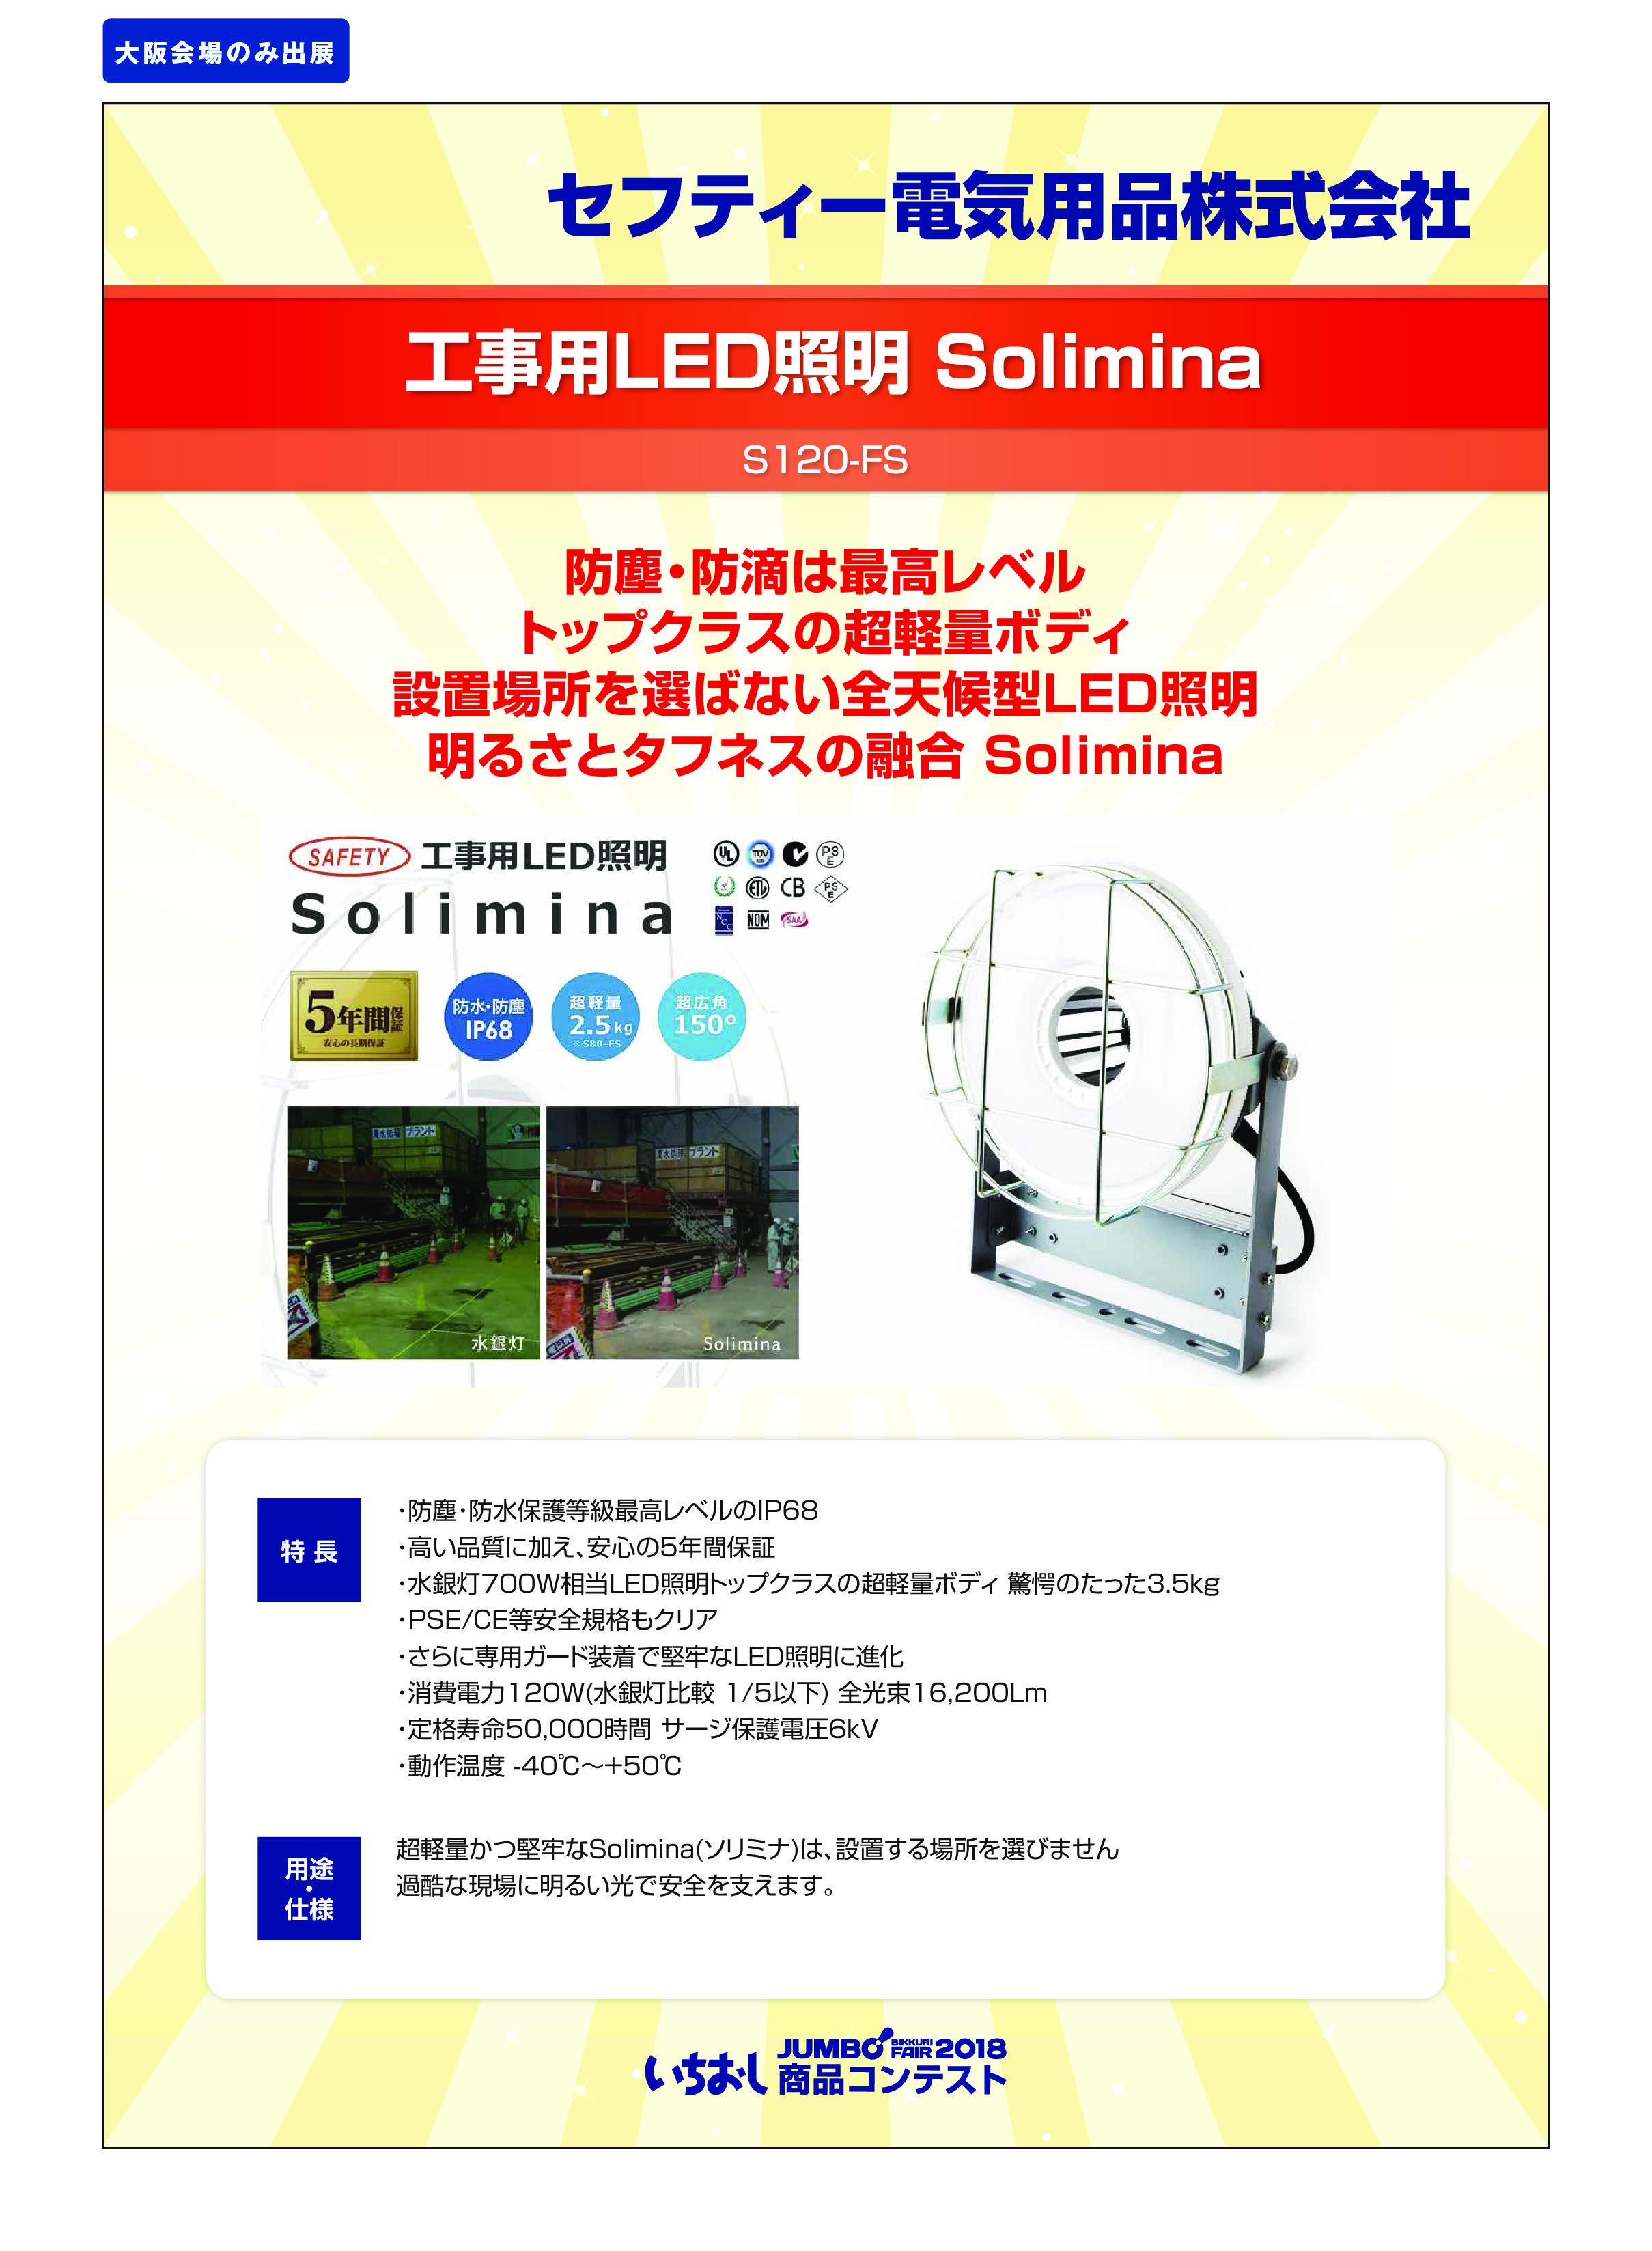 「工事用LED照明 Solimina」セフティー電気用品株式会社の画像